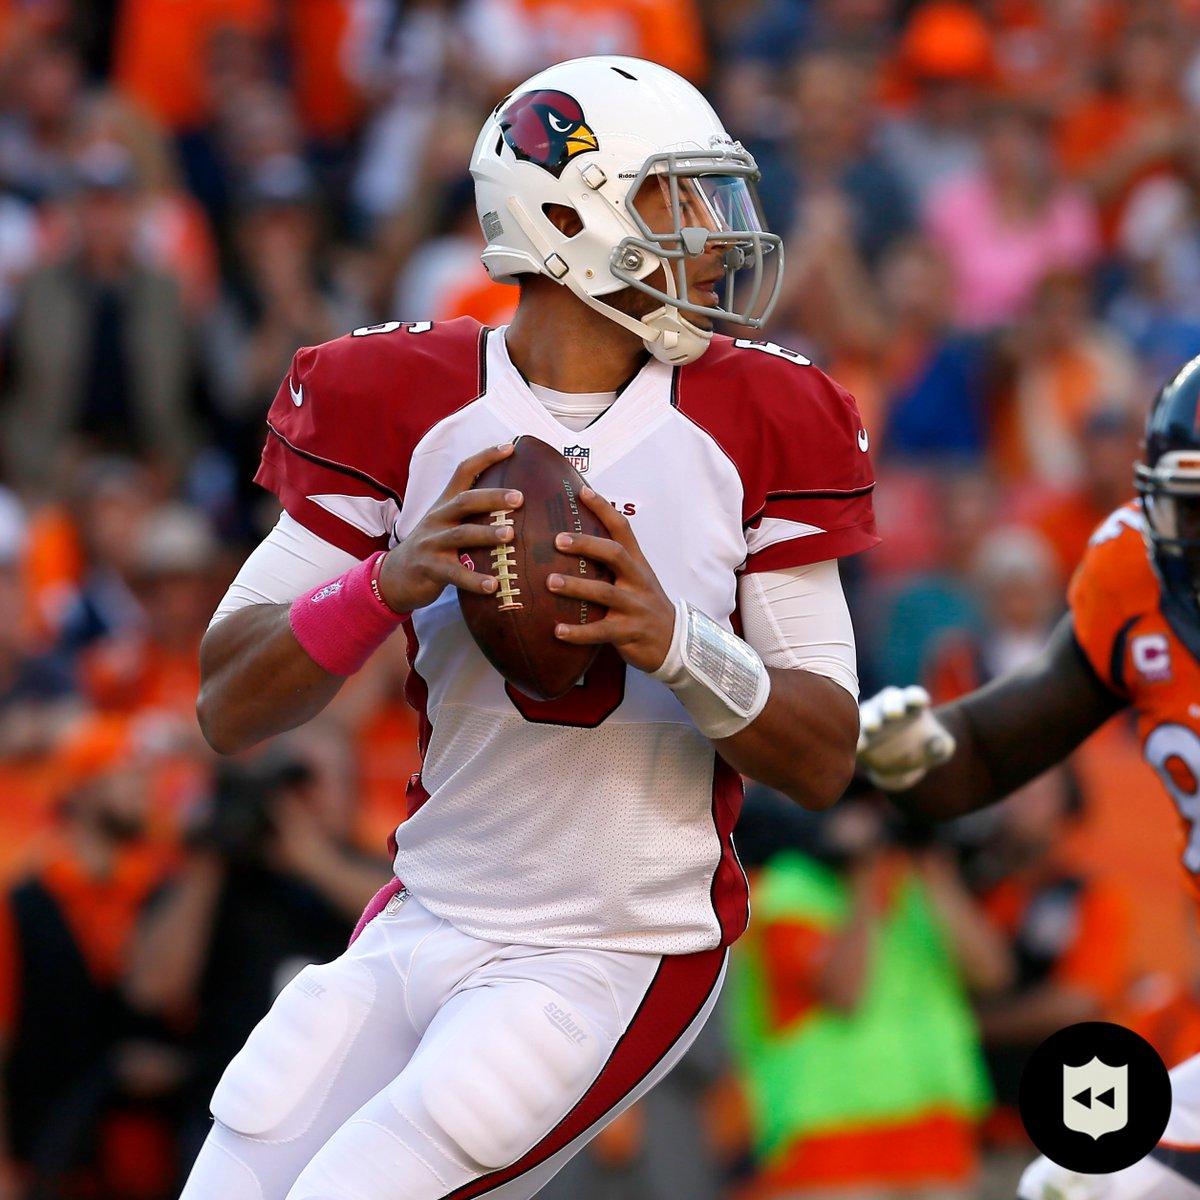 @NFL_DovKleiman's photo on Logan Thomas